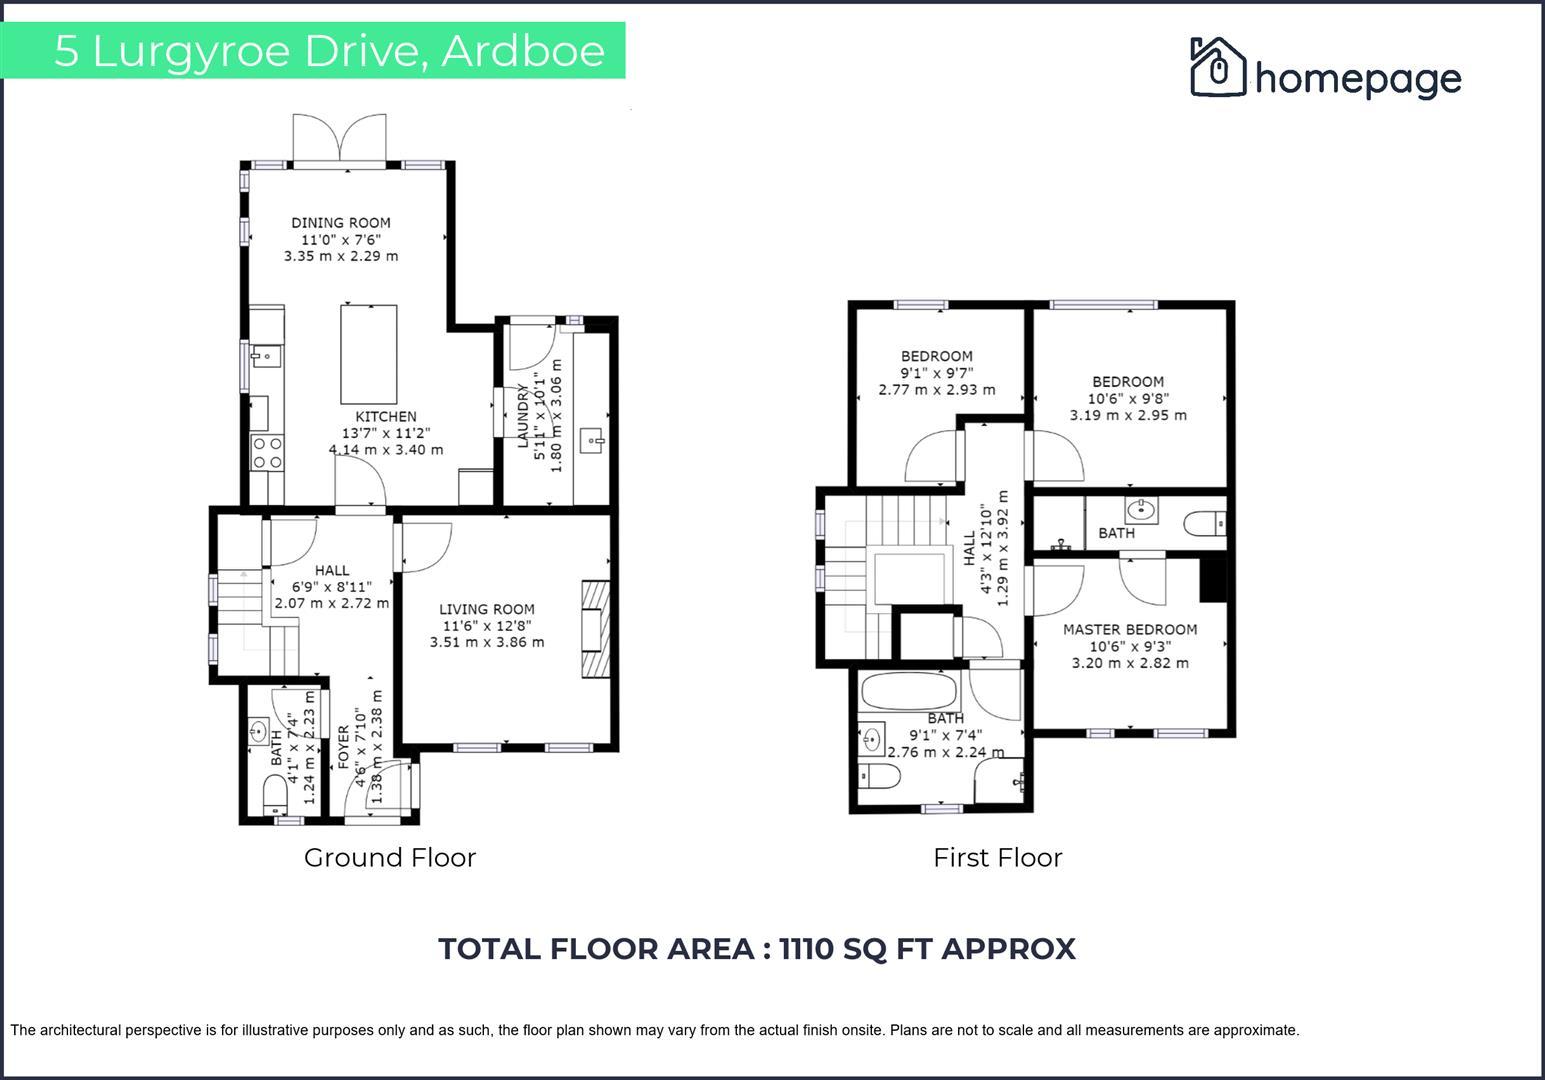 5 Lurgyroe Drive floorplan.png